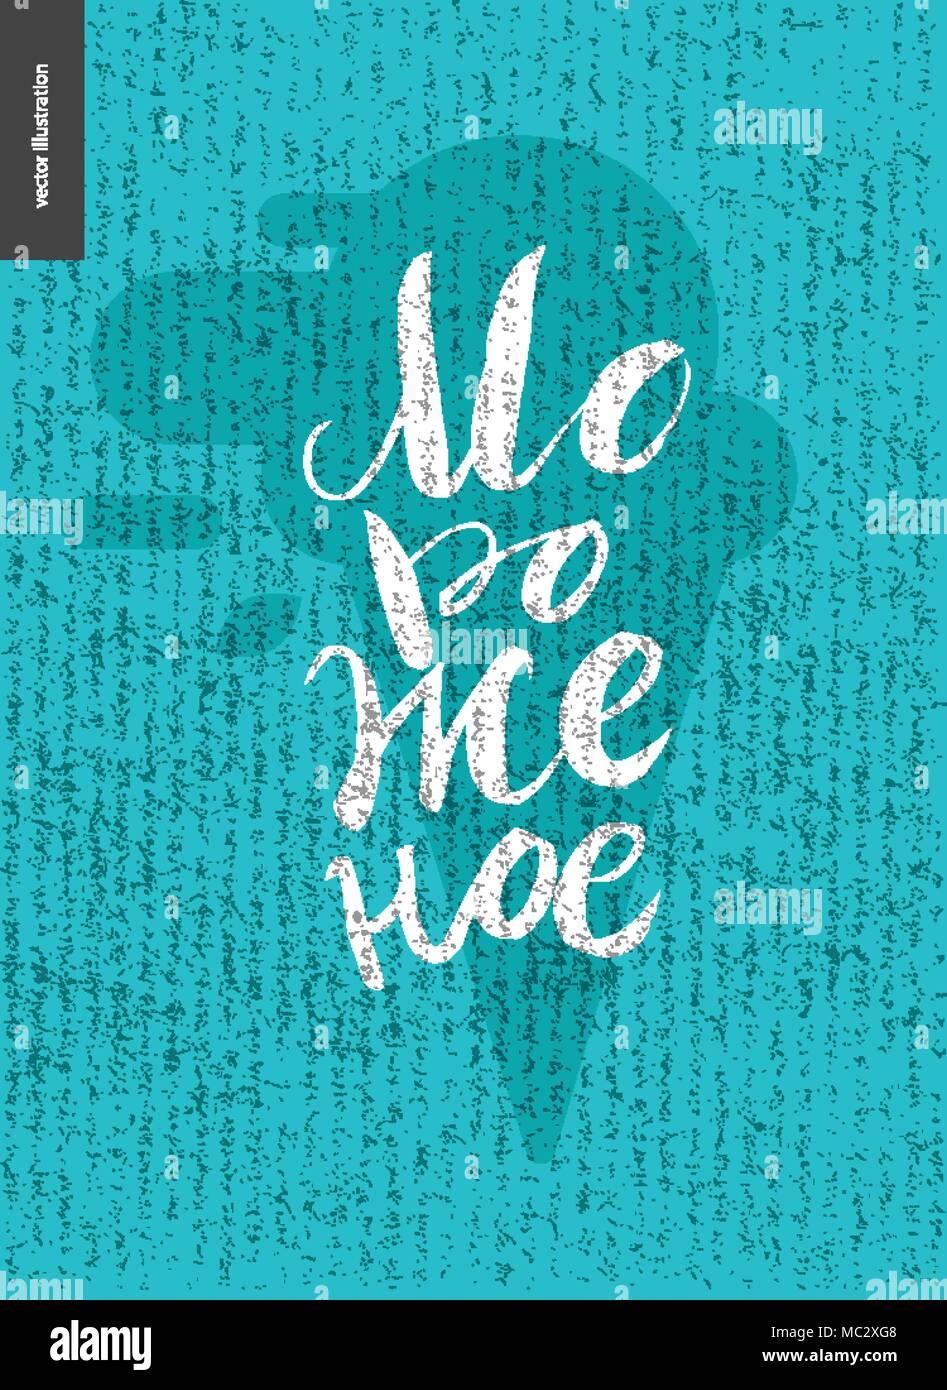 Eis russische Schrift und Eis - ein Vektor Flachbild cartoon schwarz Bürste handschriftliche Schriftzug Ice Cream und Waffel Kegel mit Minze ice cre Stock Vektor